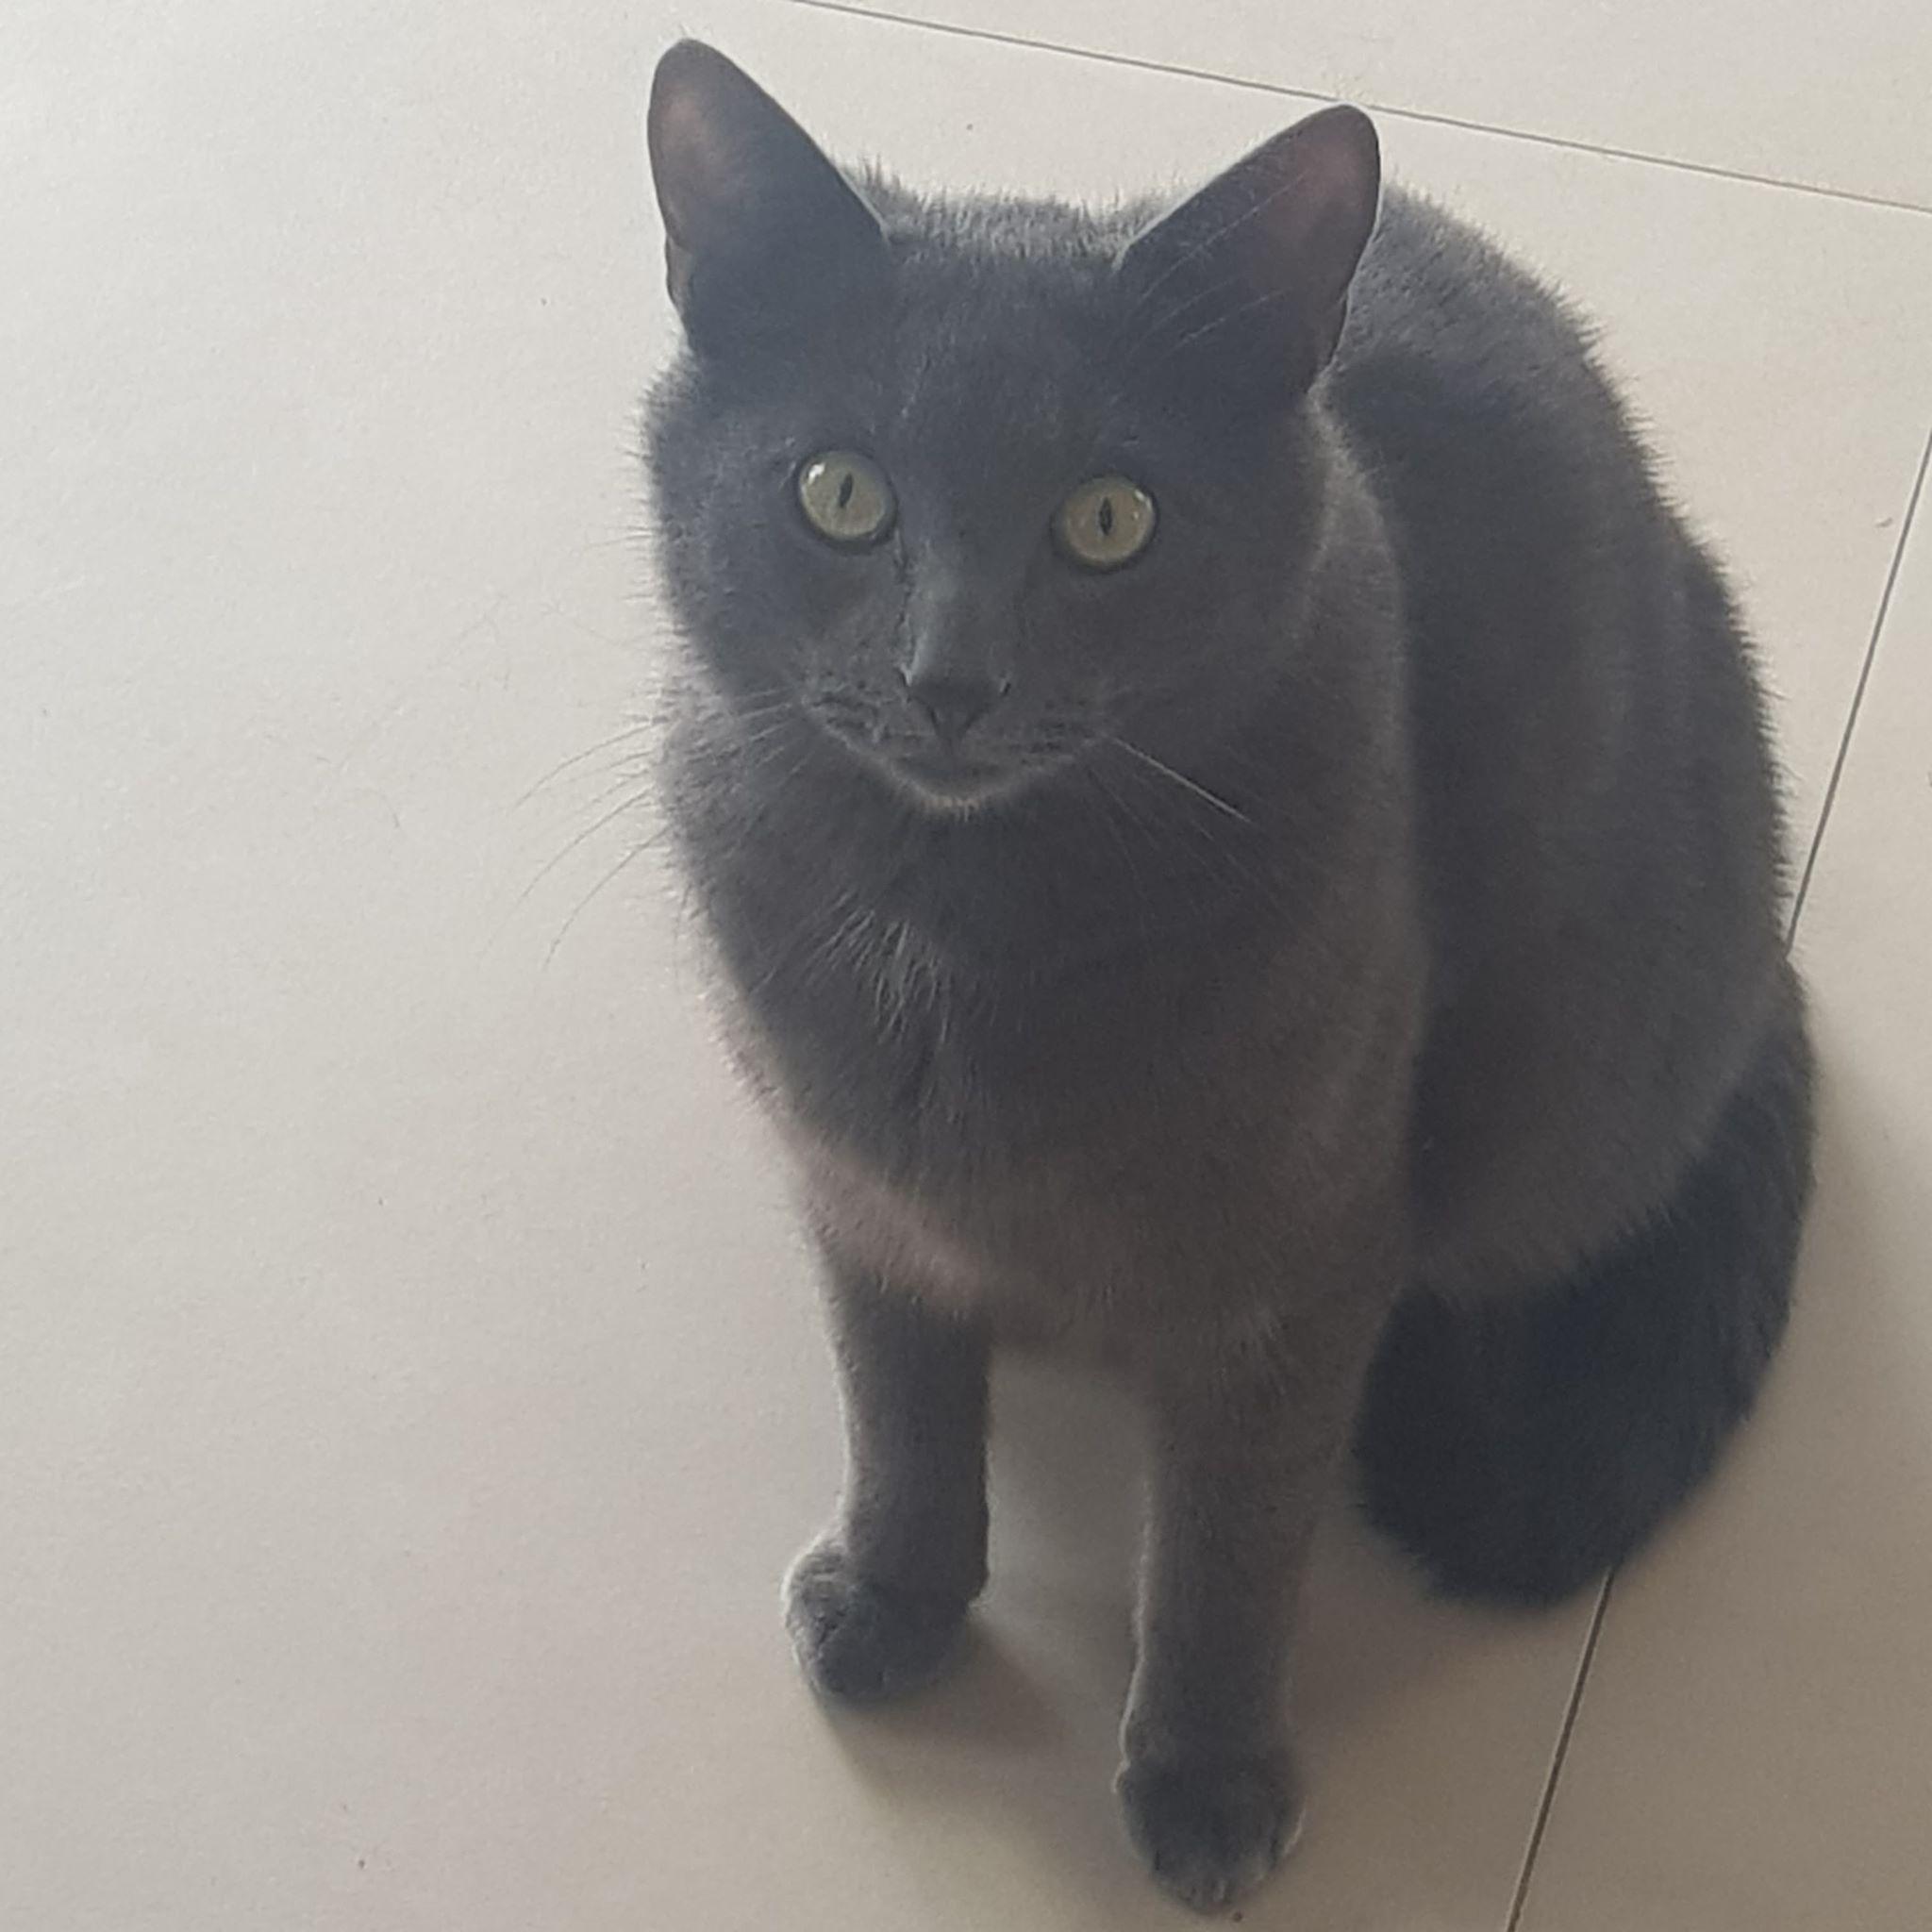 Oglądasz obrazki z tematu: Niebieski kot z ul. Akacjowej odnaleziony